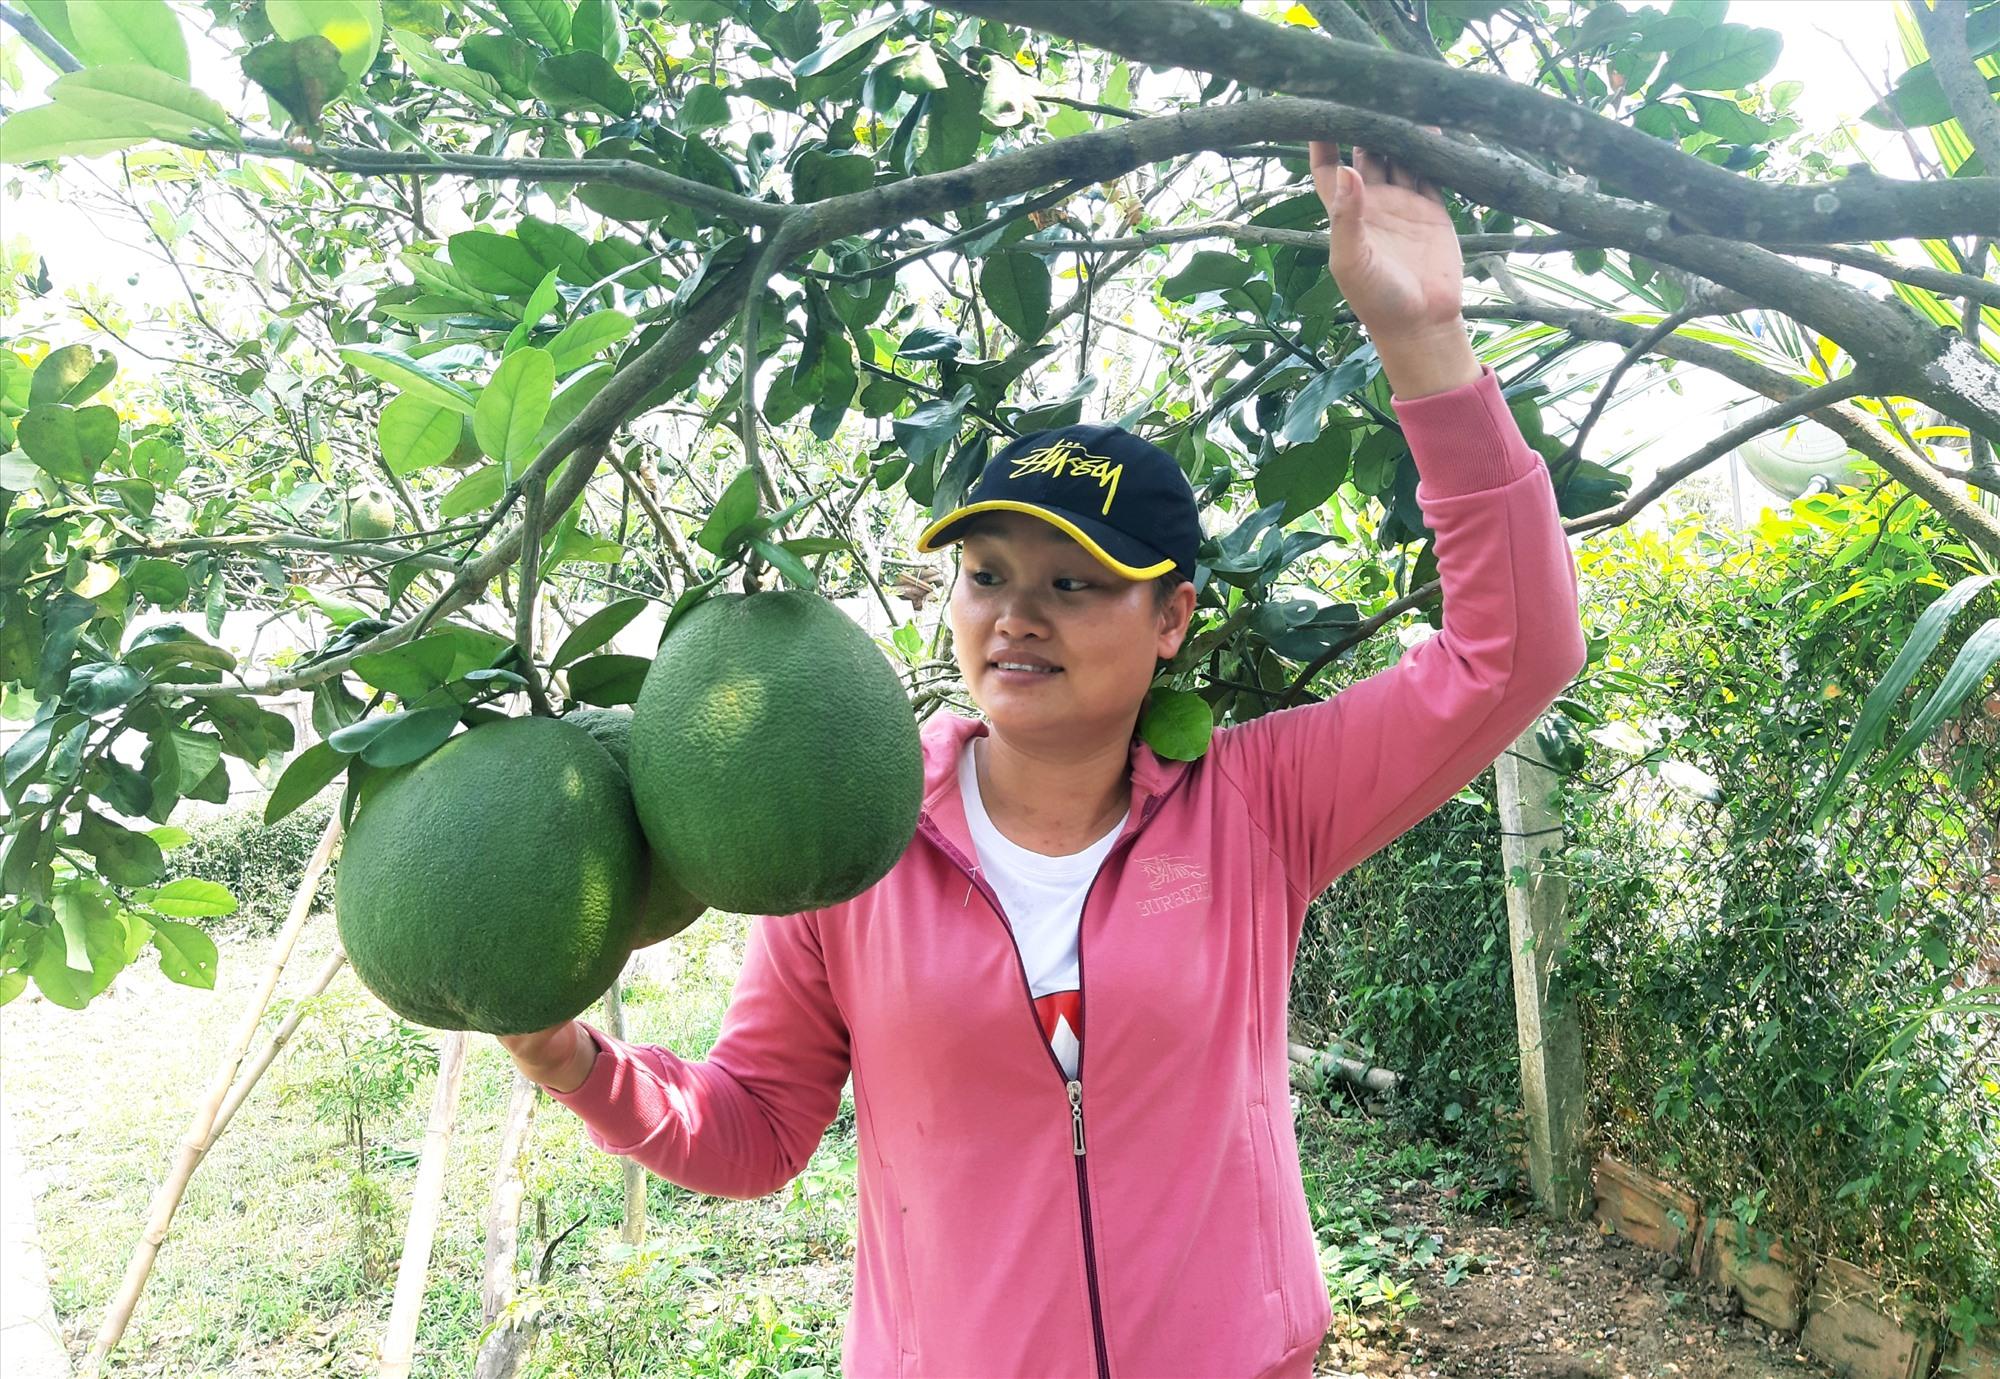 Mô hình trồng bưởi chuyên canh của gia đình bà Huỳnh Thị Minh Hoàng ở thôn Bắc An Sơn (Quế Thọ, Hiệp Đức) bước đầu cho hiệu quả kinh tế cao. Ảnh: L.Đ